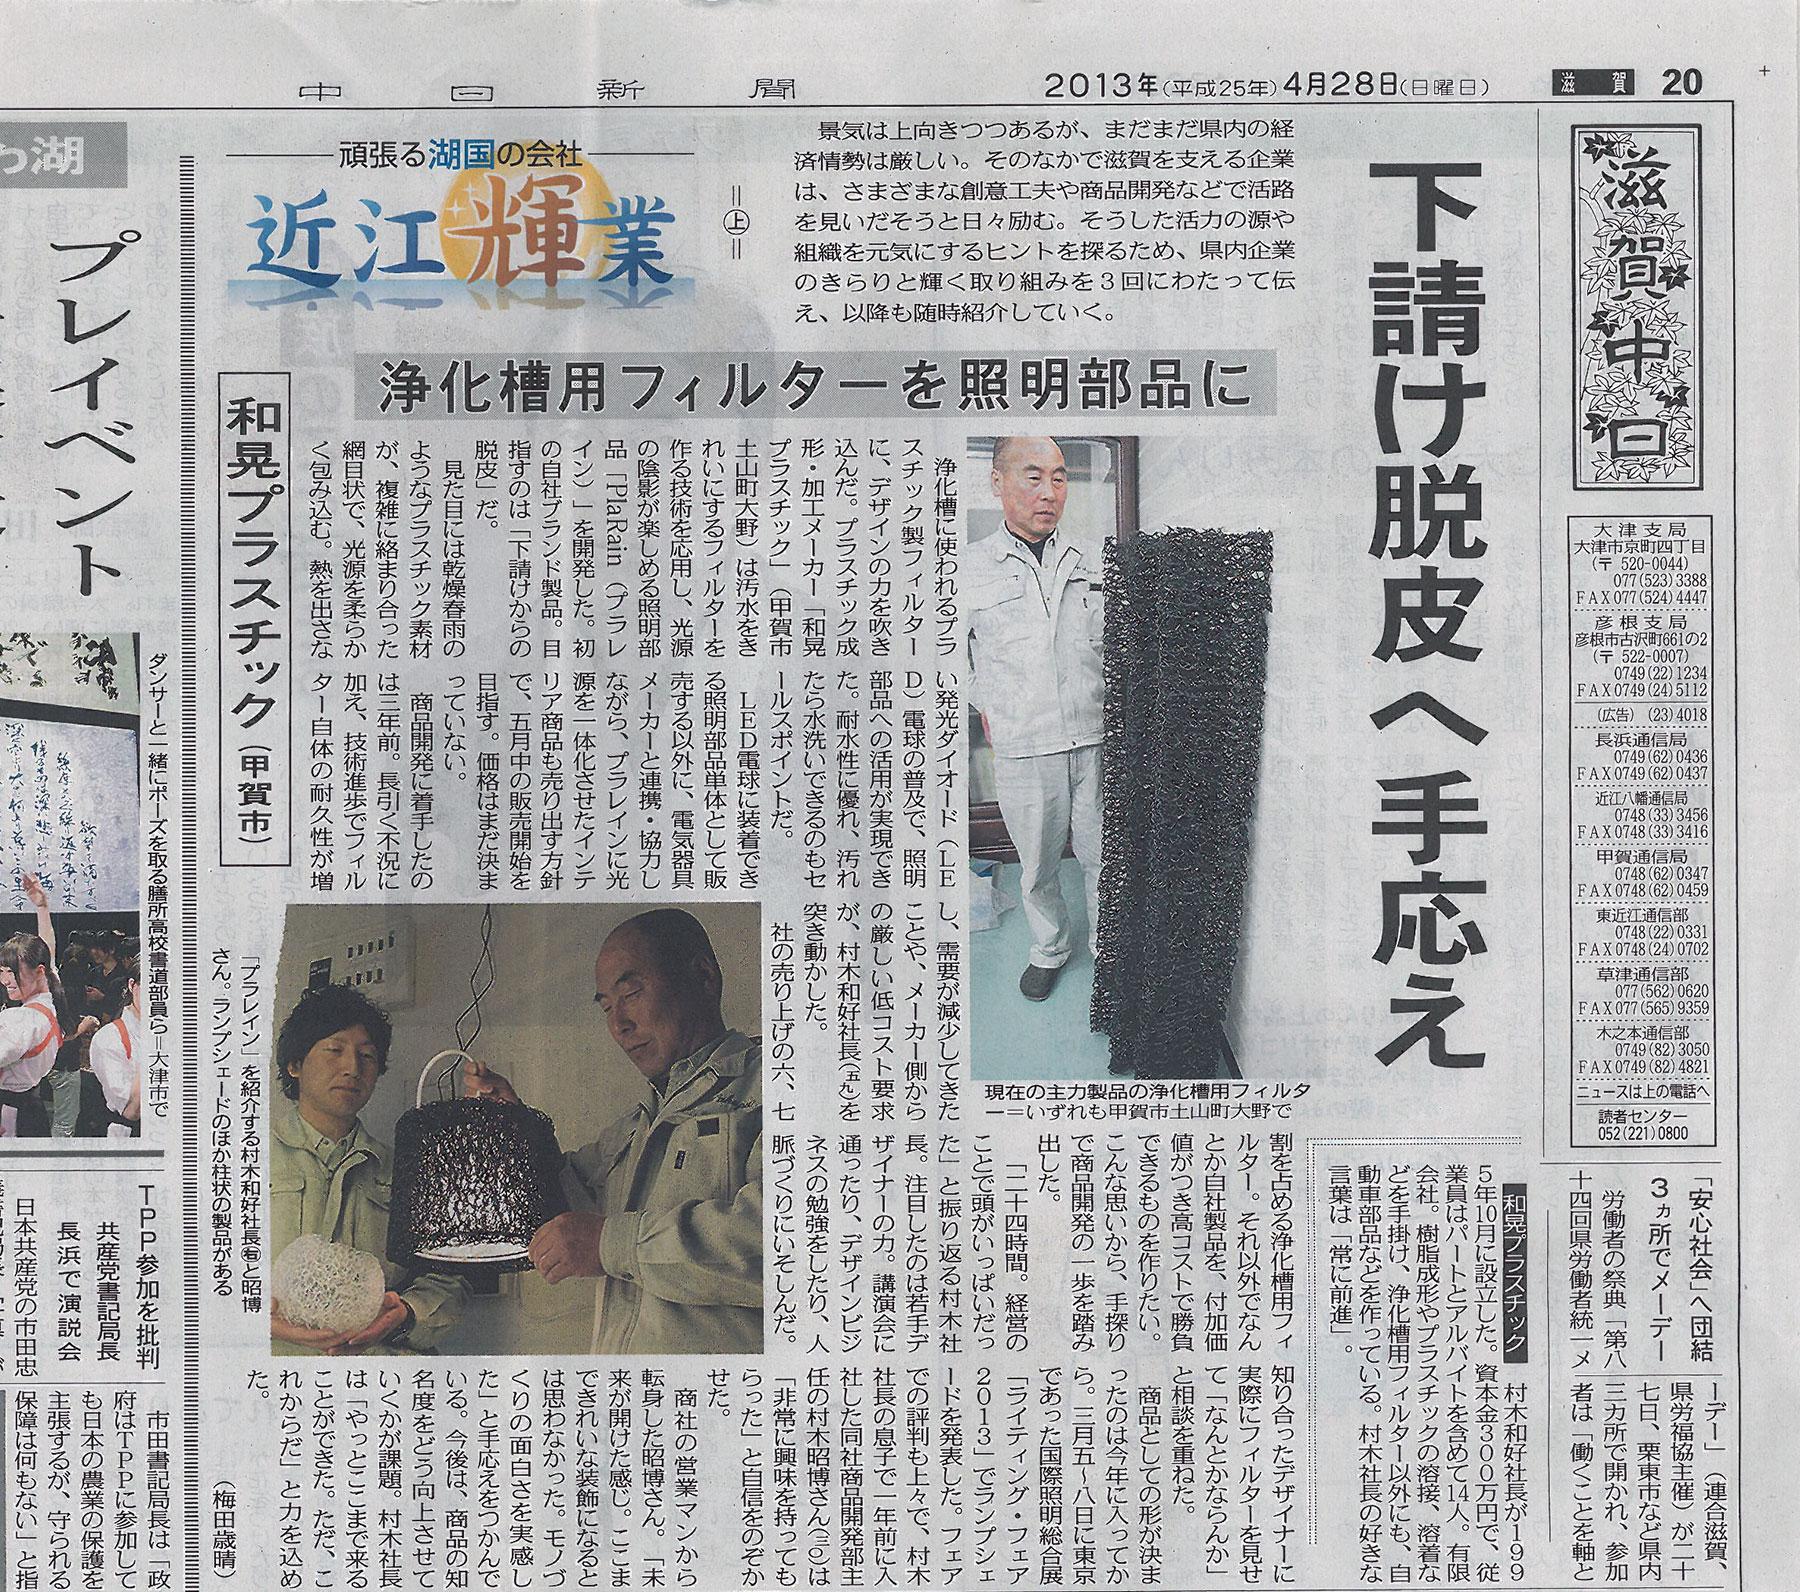 和晃プラスチック中日新聞照明新素材